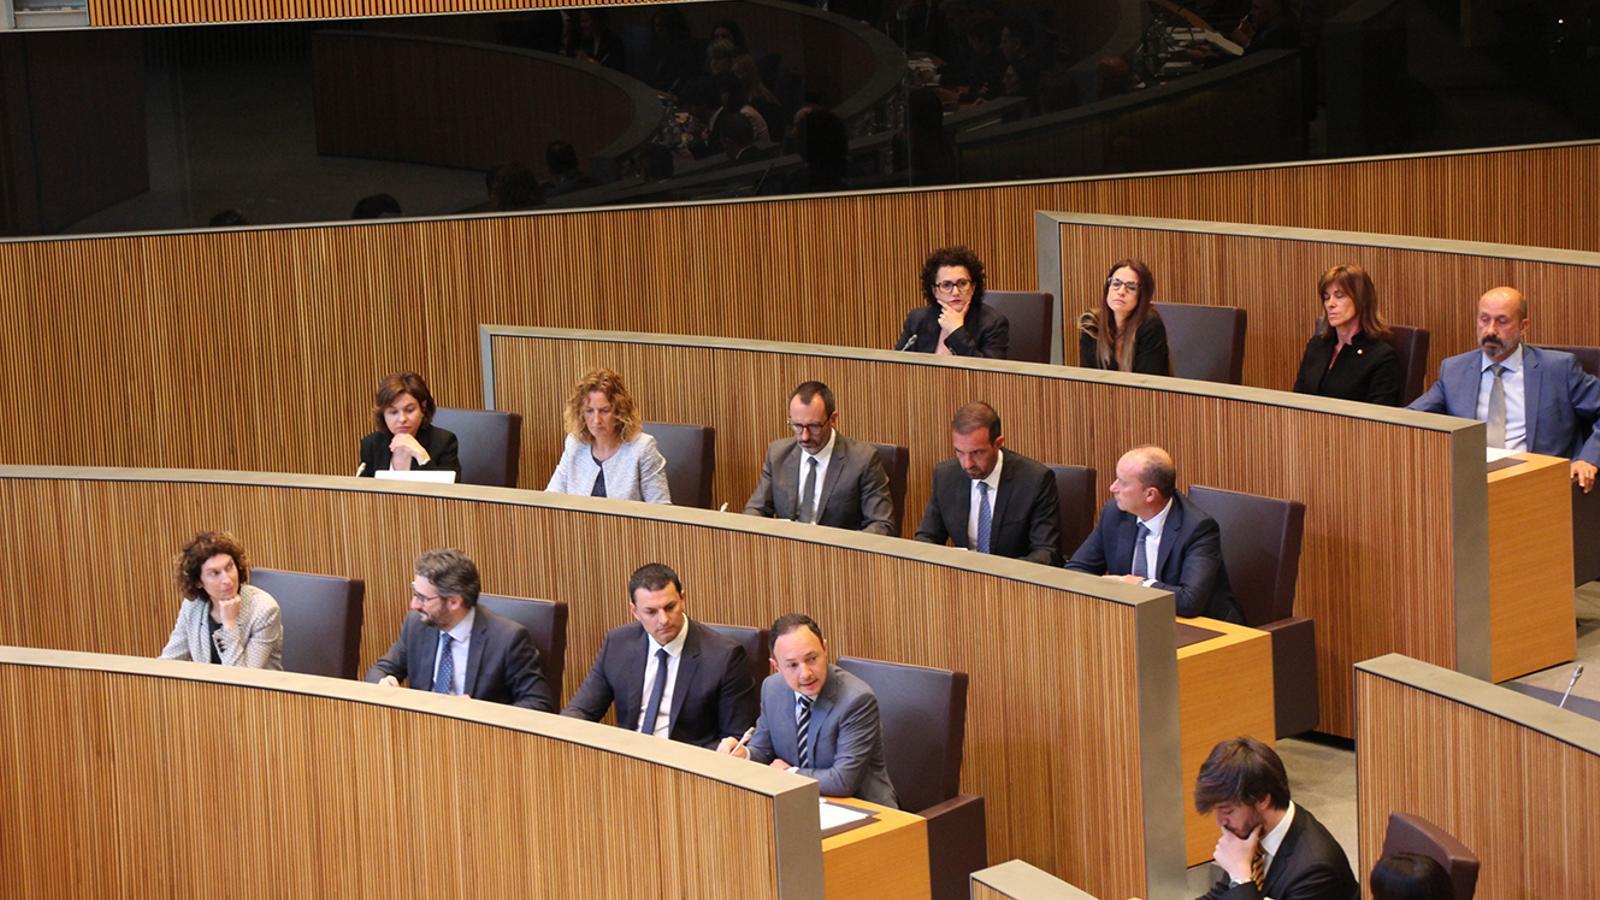 La bancada del Govern, ja ocupada pels dotze ministres i el cap de Govern que configuren l'executiu. / M. M. (ANA)